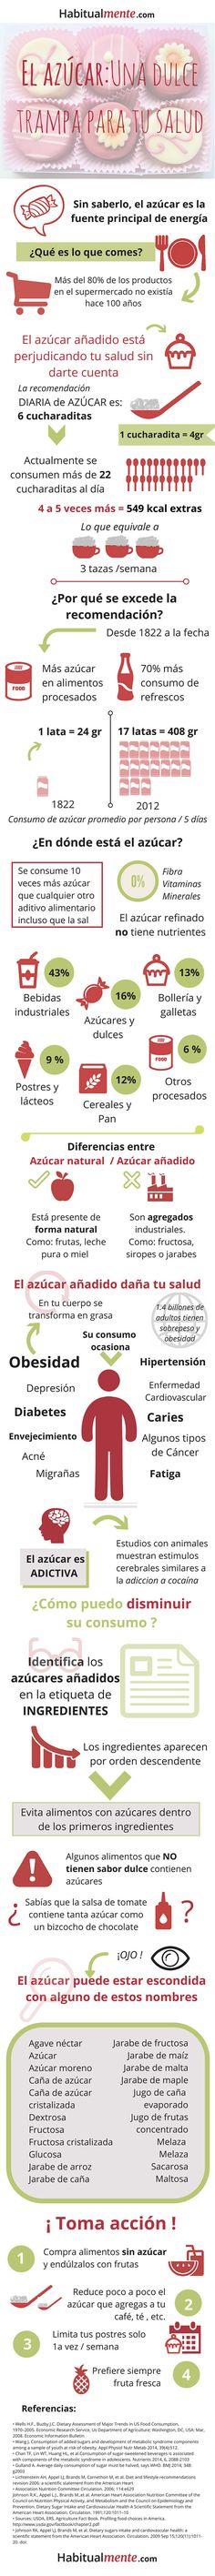 #Infografia: Como el #azucar está dañando tu salud sin darte cuenta via @taniahabitos